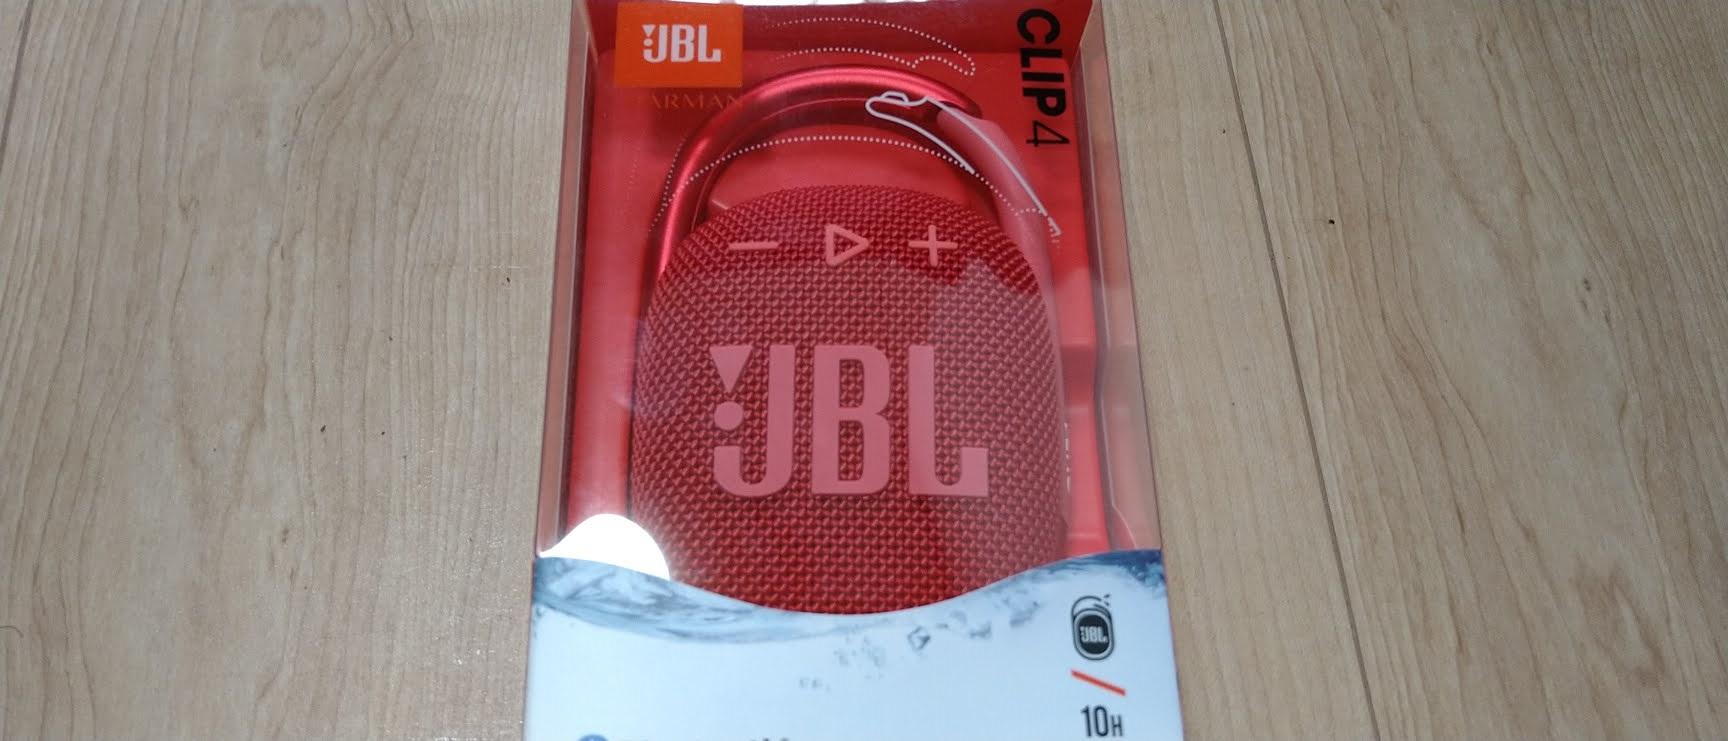 JBLのクリップ4を買ったので、評価を。音質、マジでヤバすぎた!